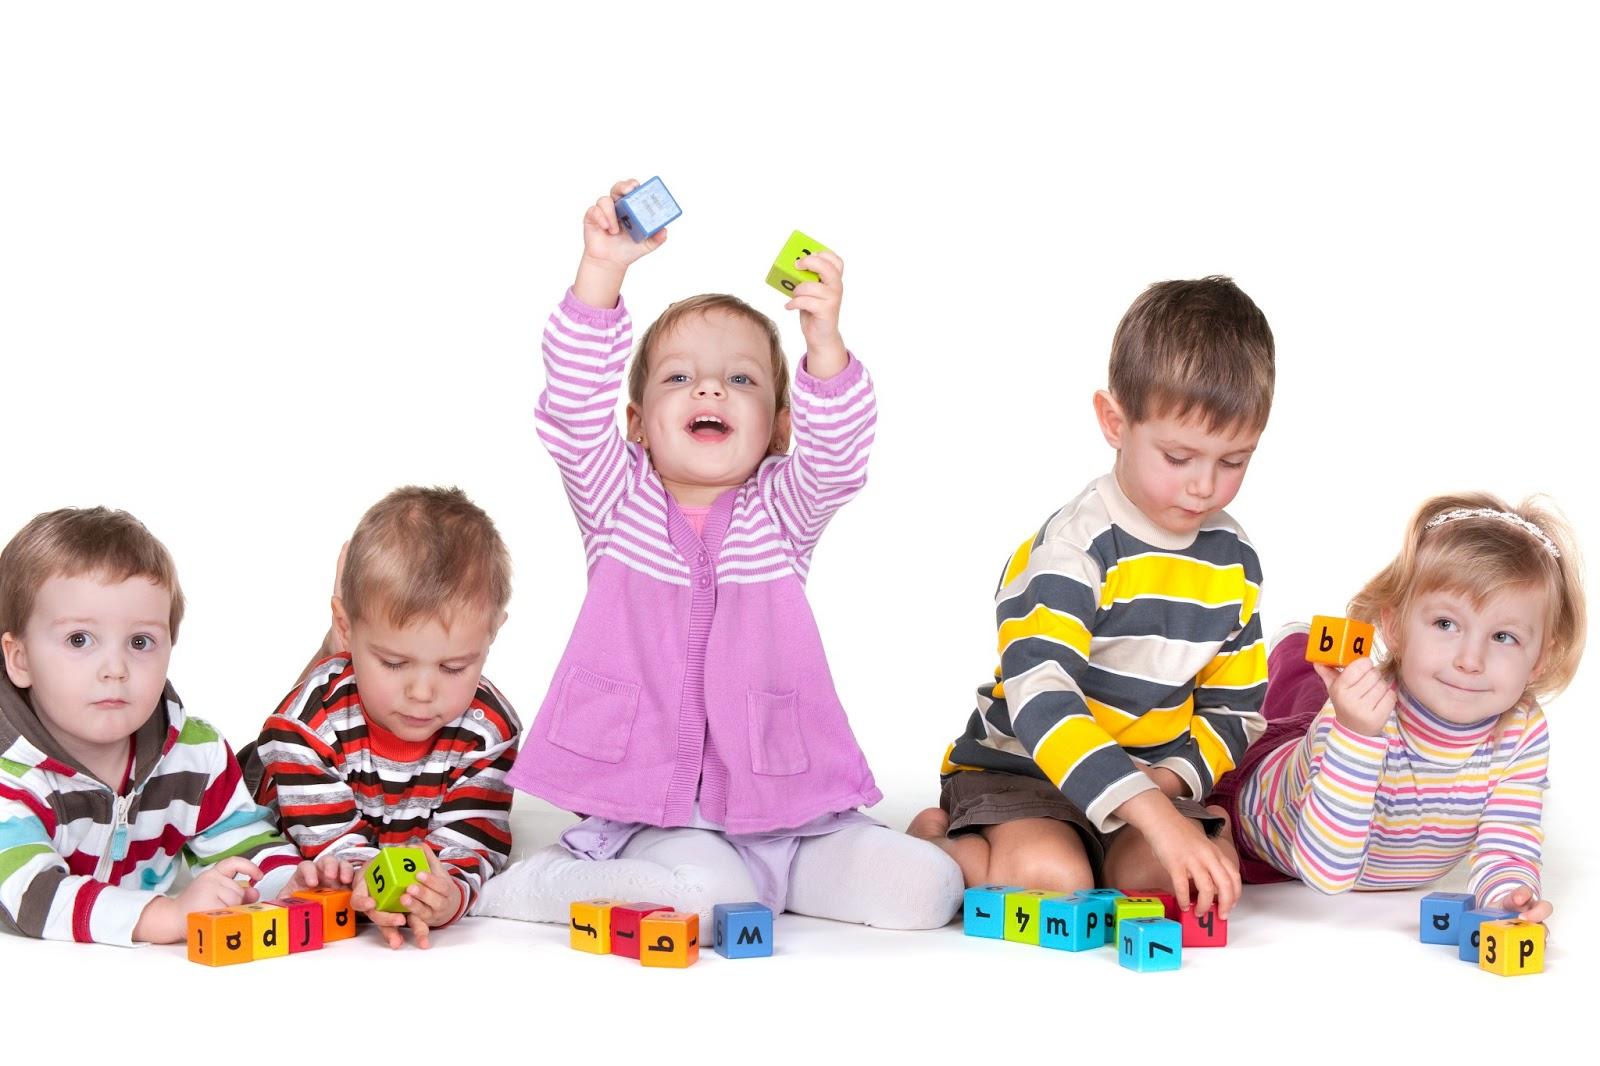 desarrollo infantil y bebes